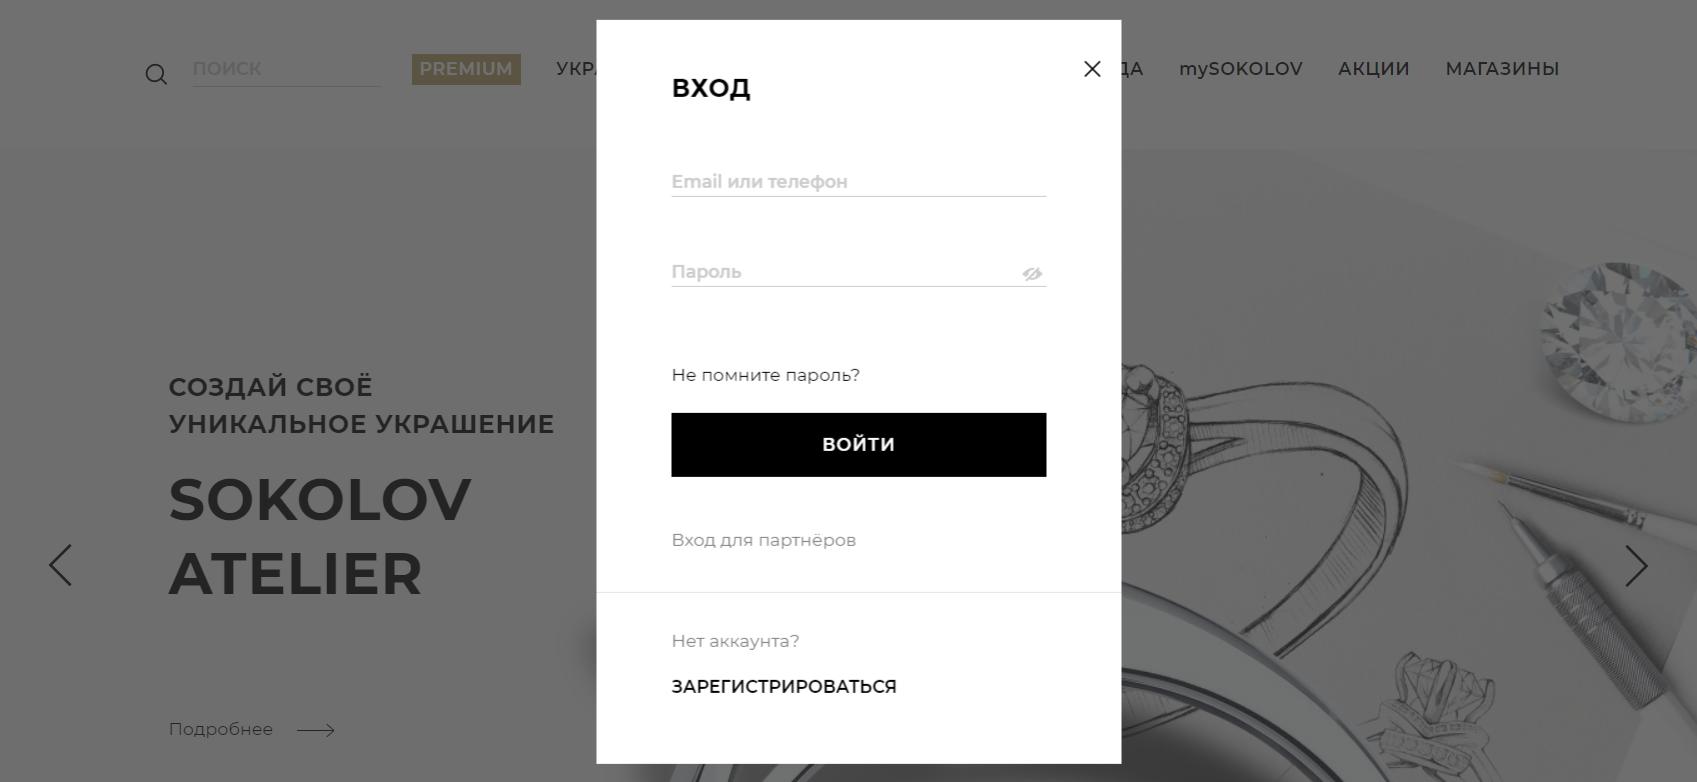 метрокредит официальный сайт вход в личный кабинет